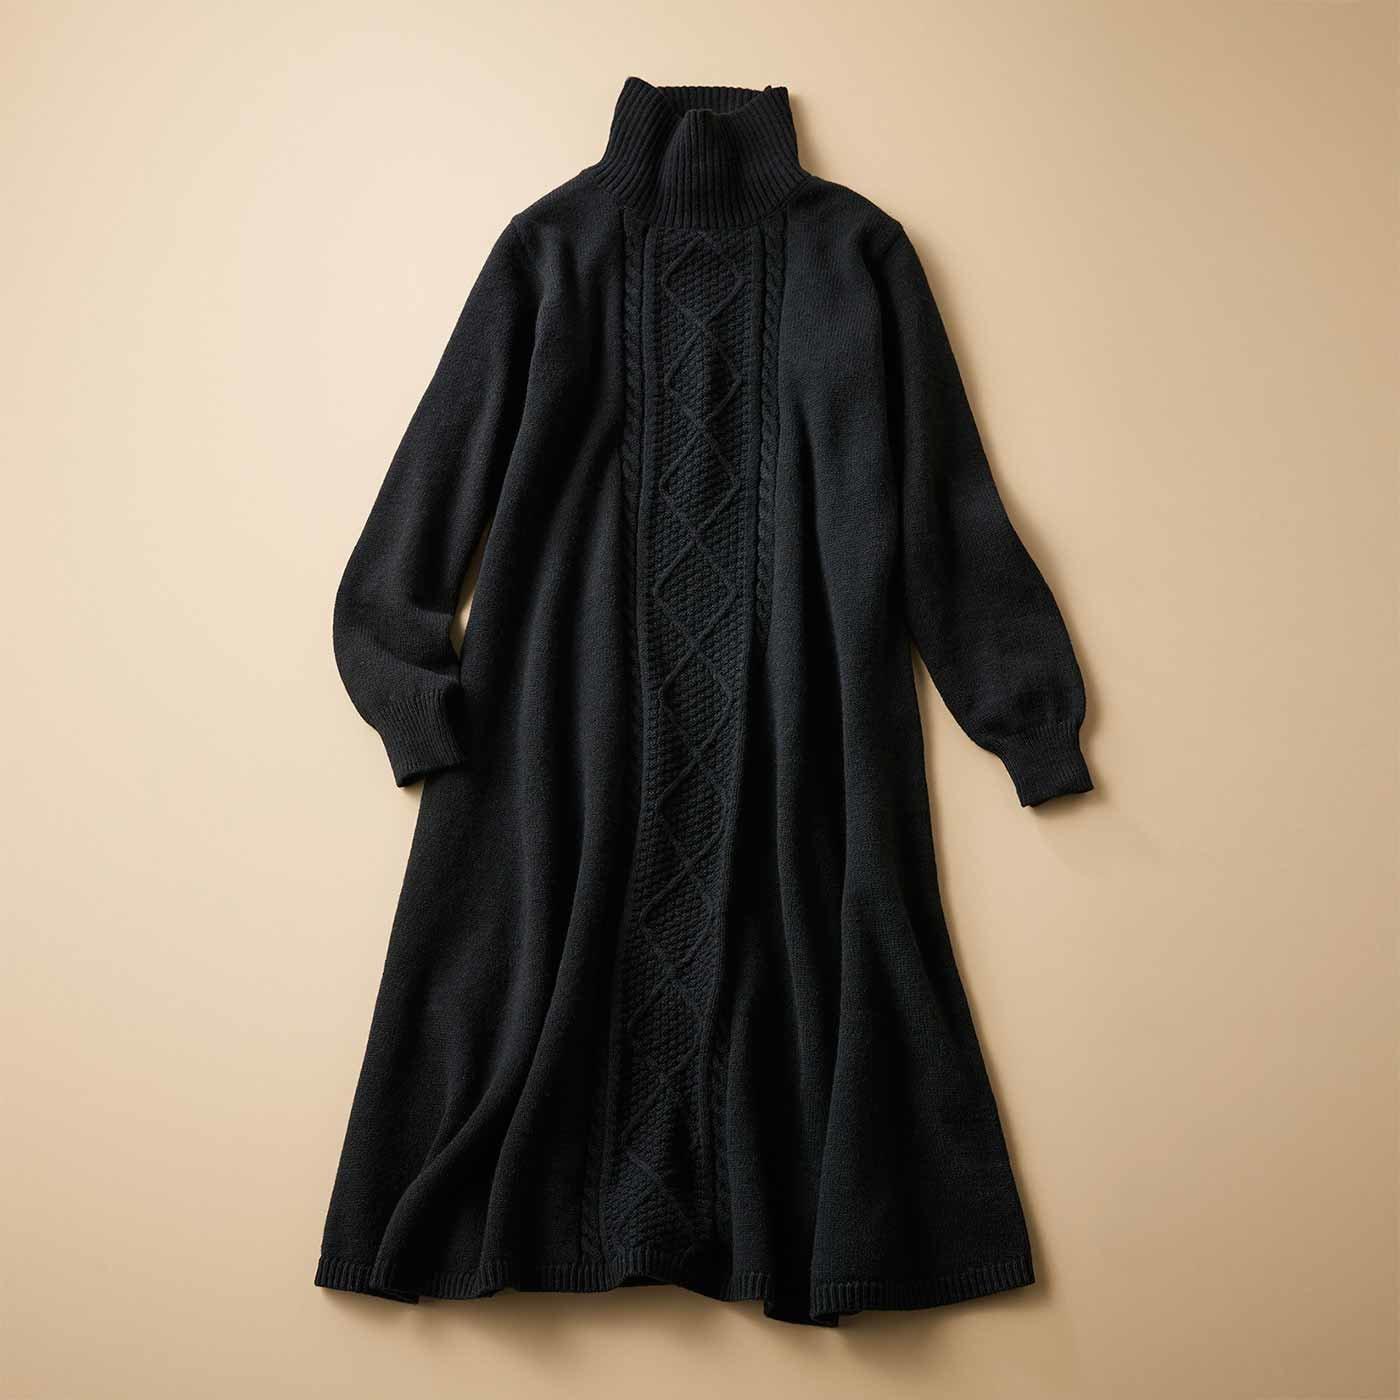 IEDIT[イディット] 帯電防止機能がうれしい ウール混 暖かAラインニットワンピース〈ブラック〉